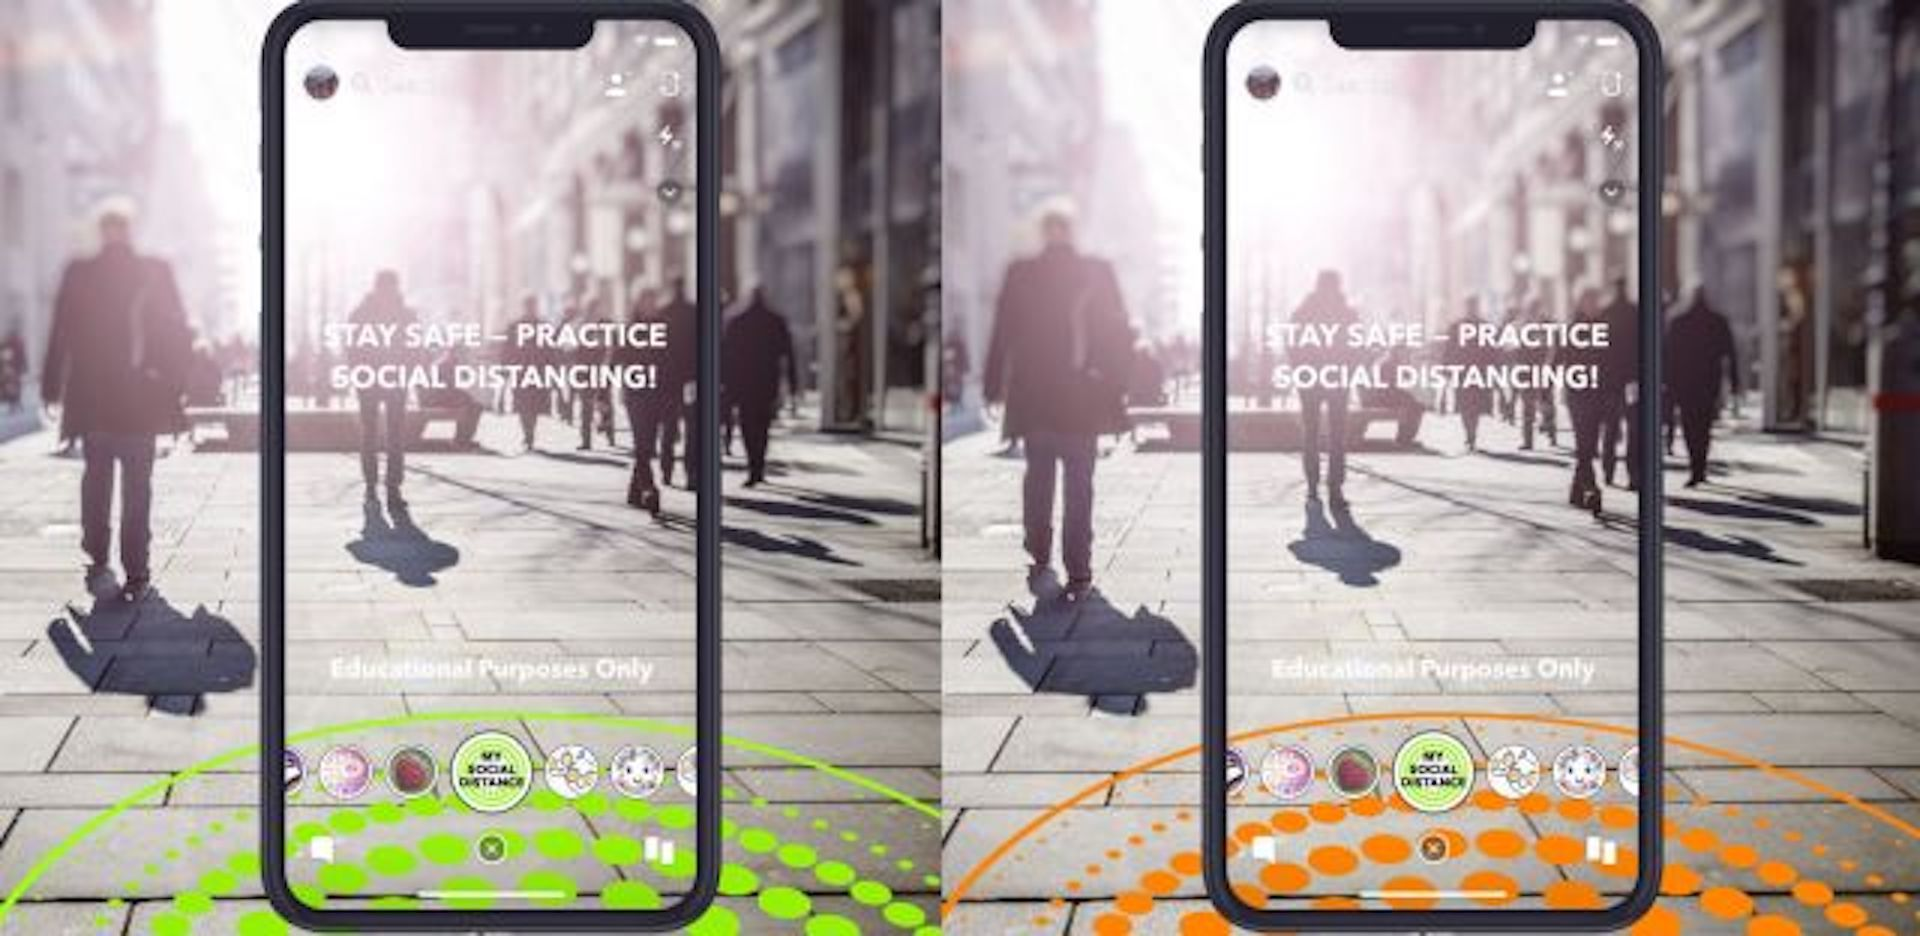 Des filtres AR dans Snapchat pour encourager la distanciation sociale